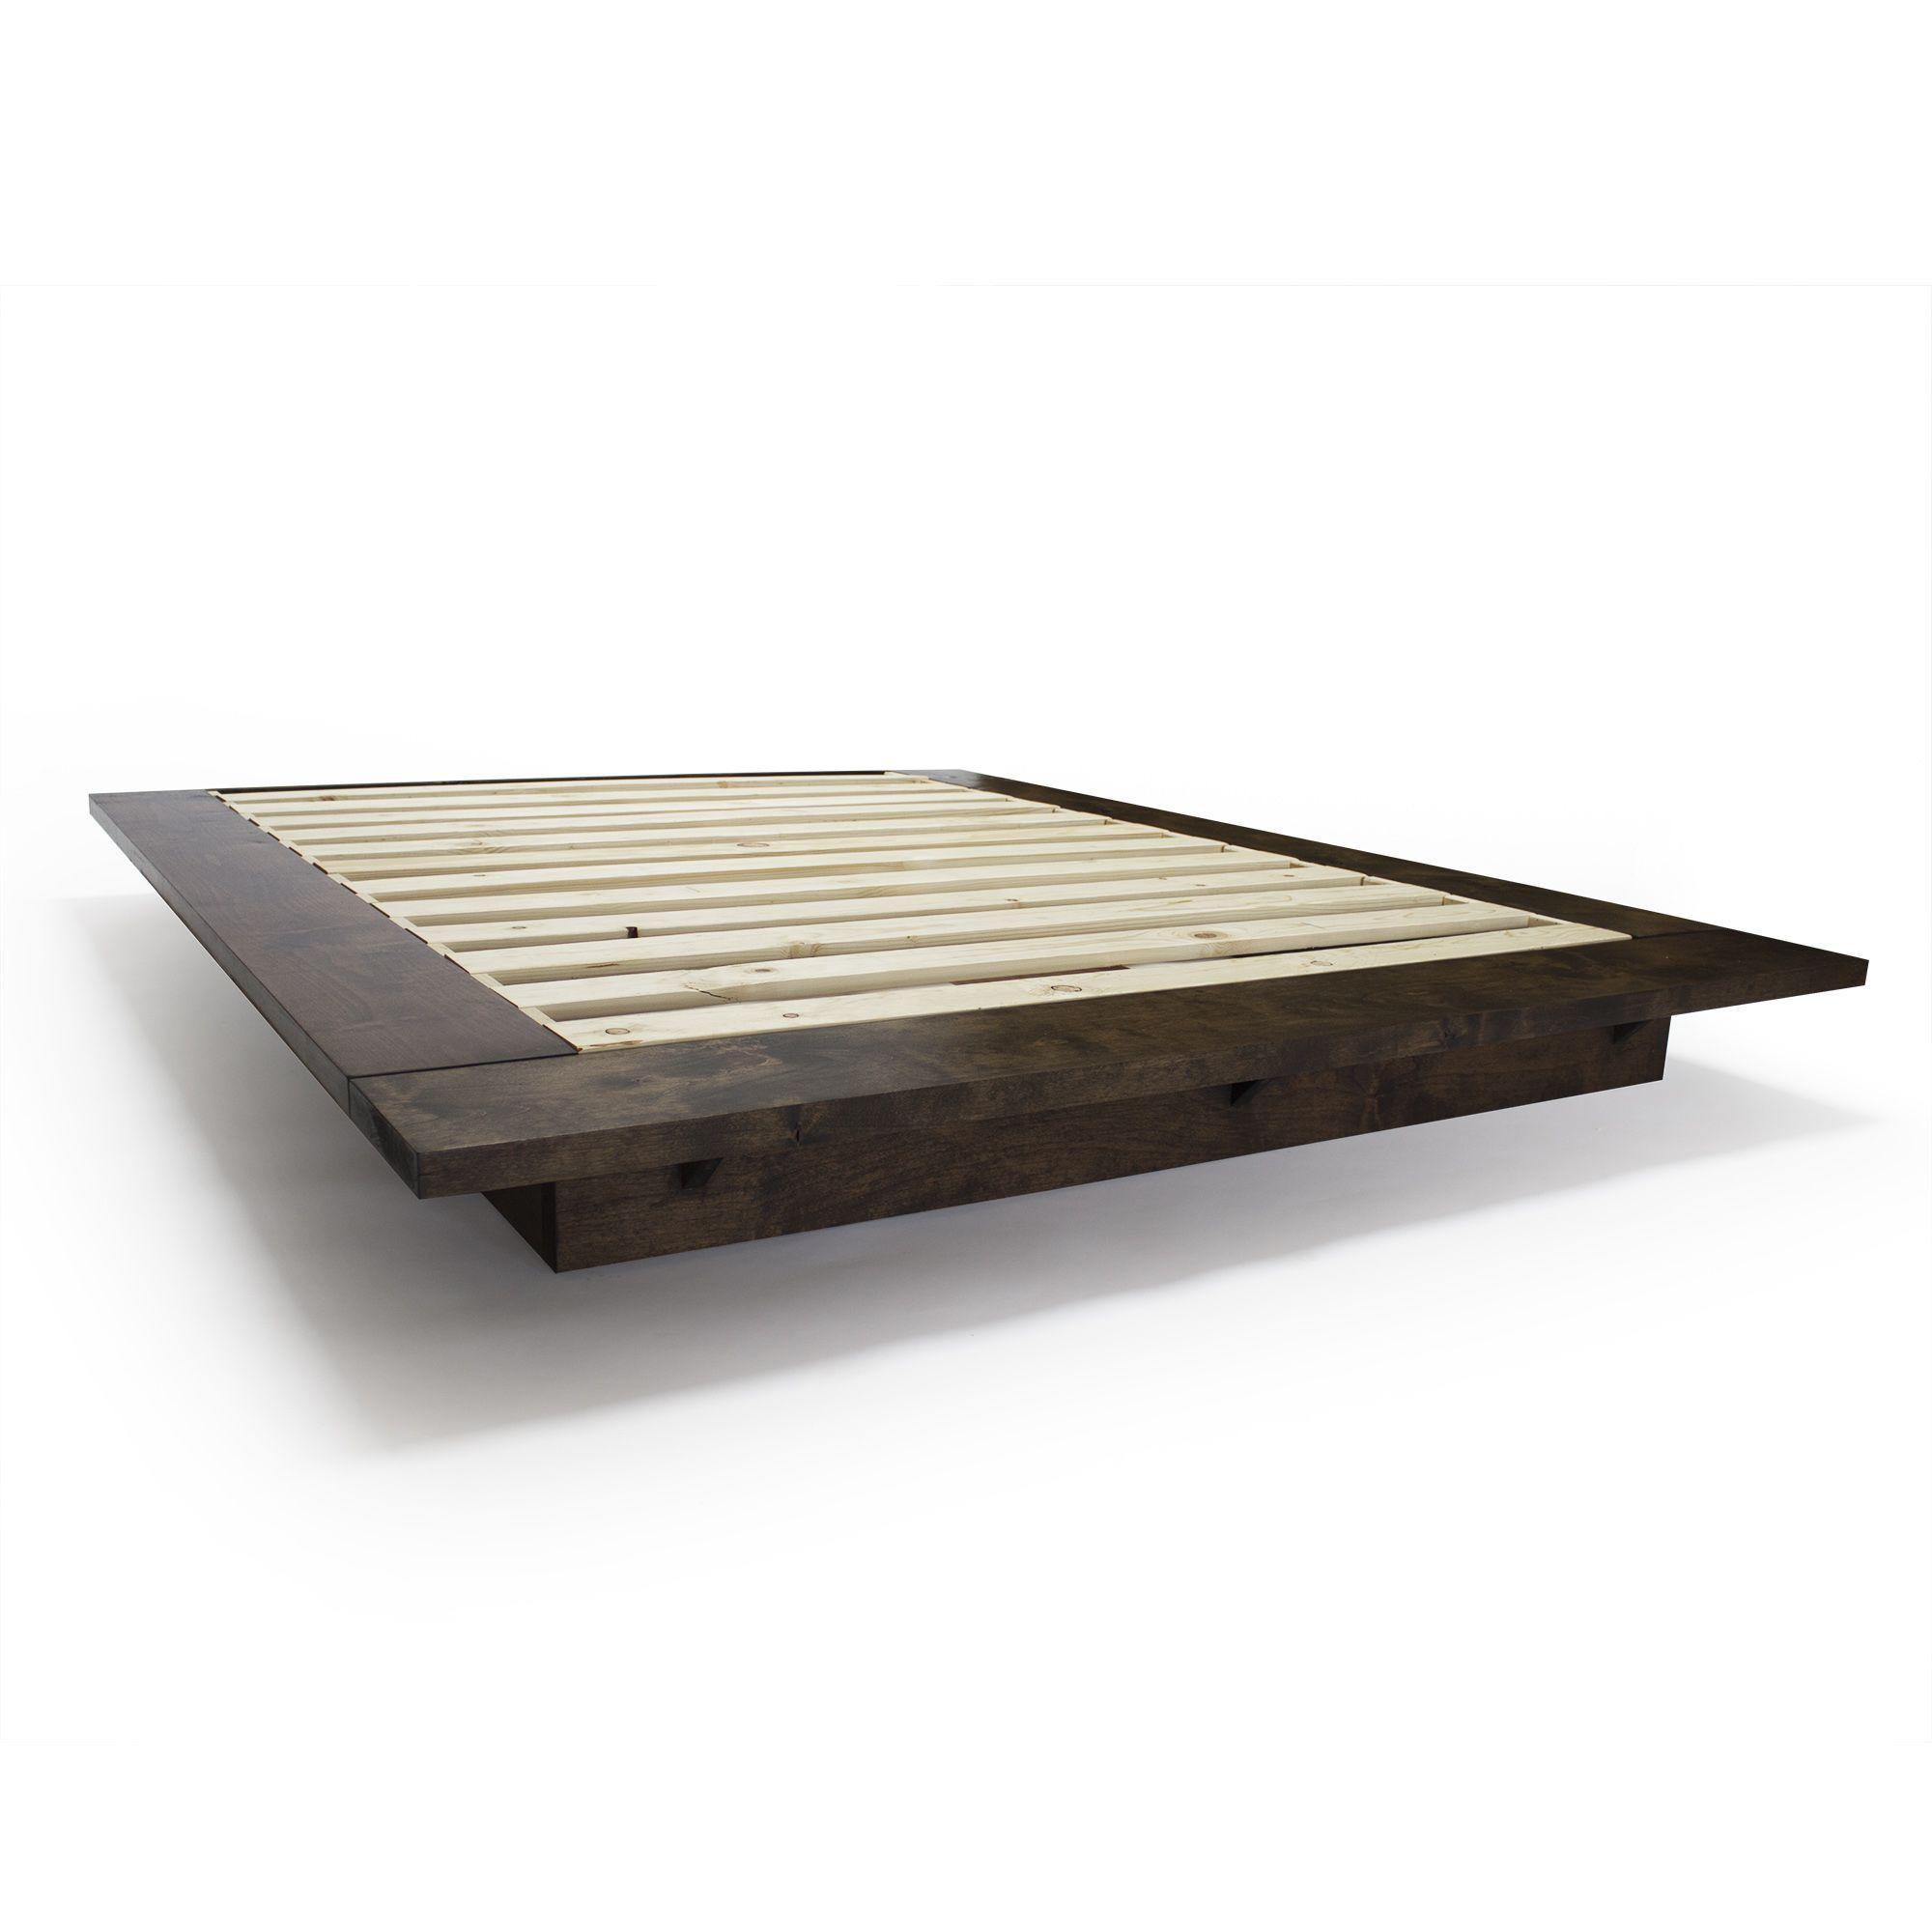 Buy a handmade modern floating platform bed frame made to for Custom made bed frame